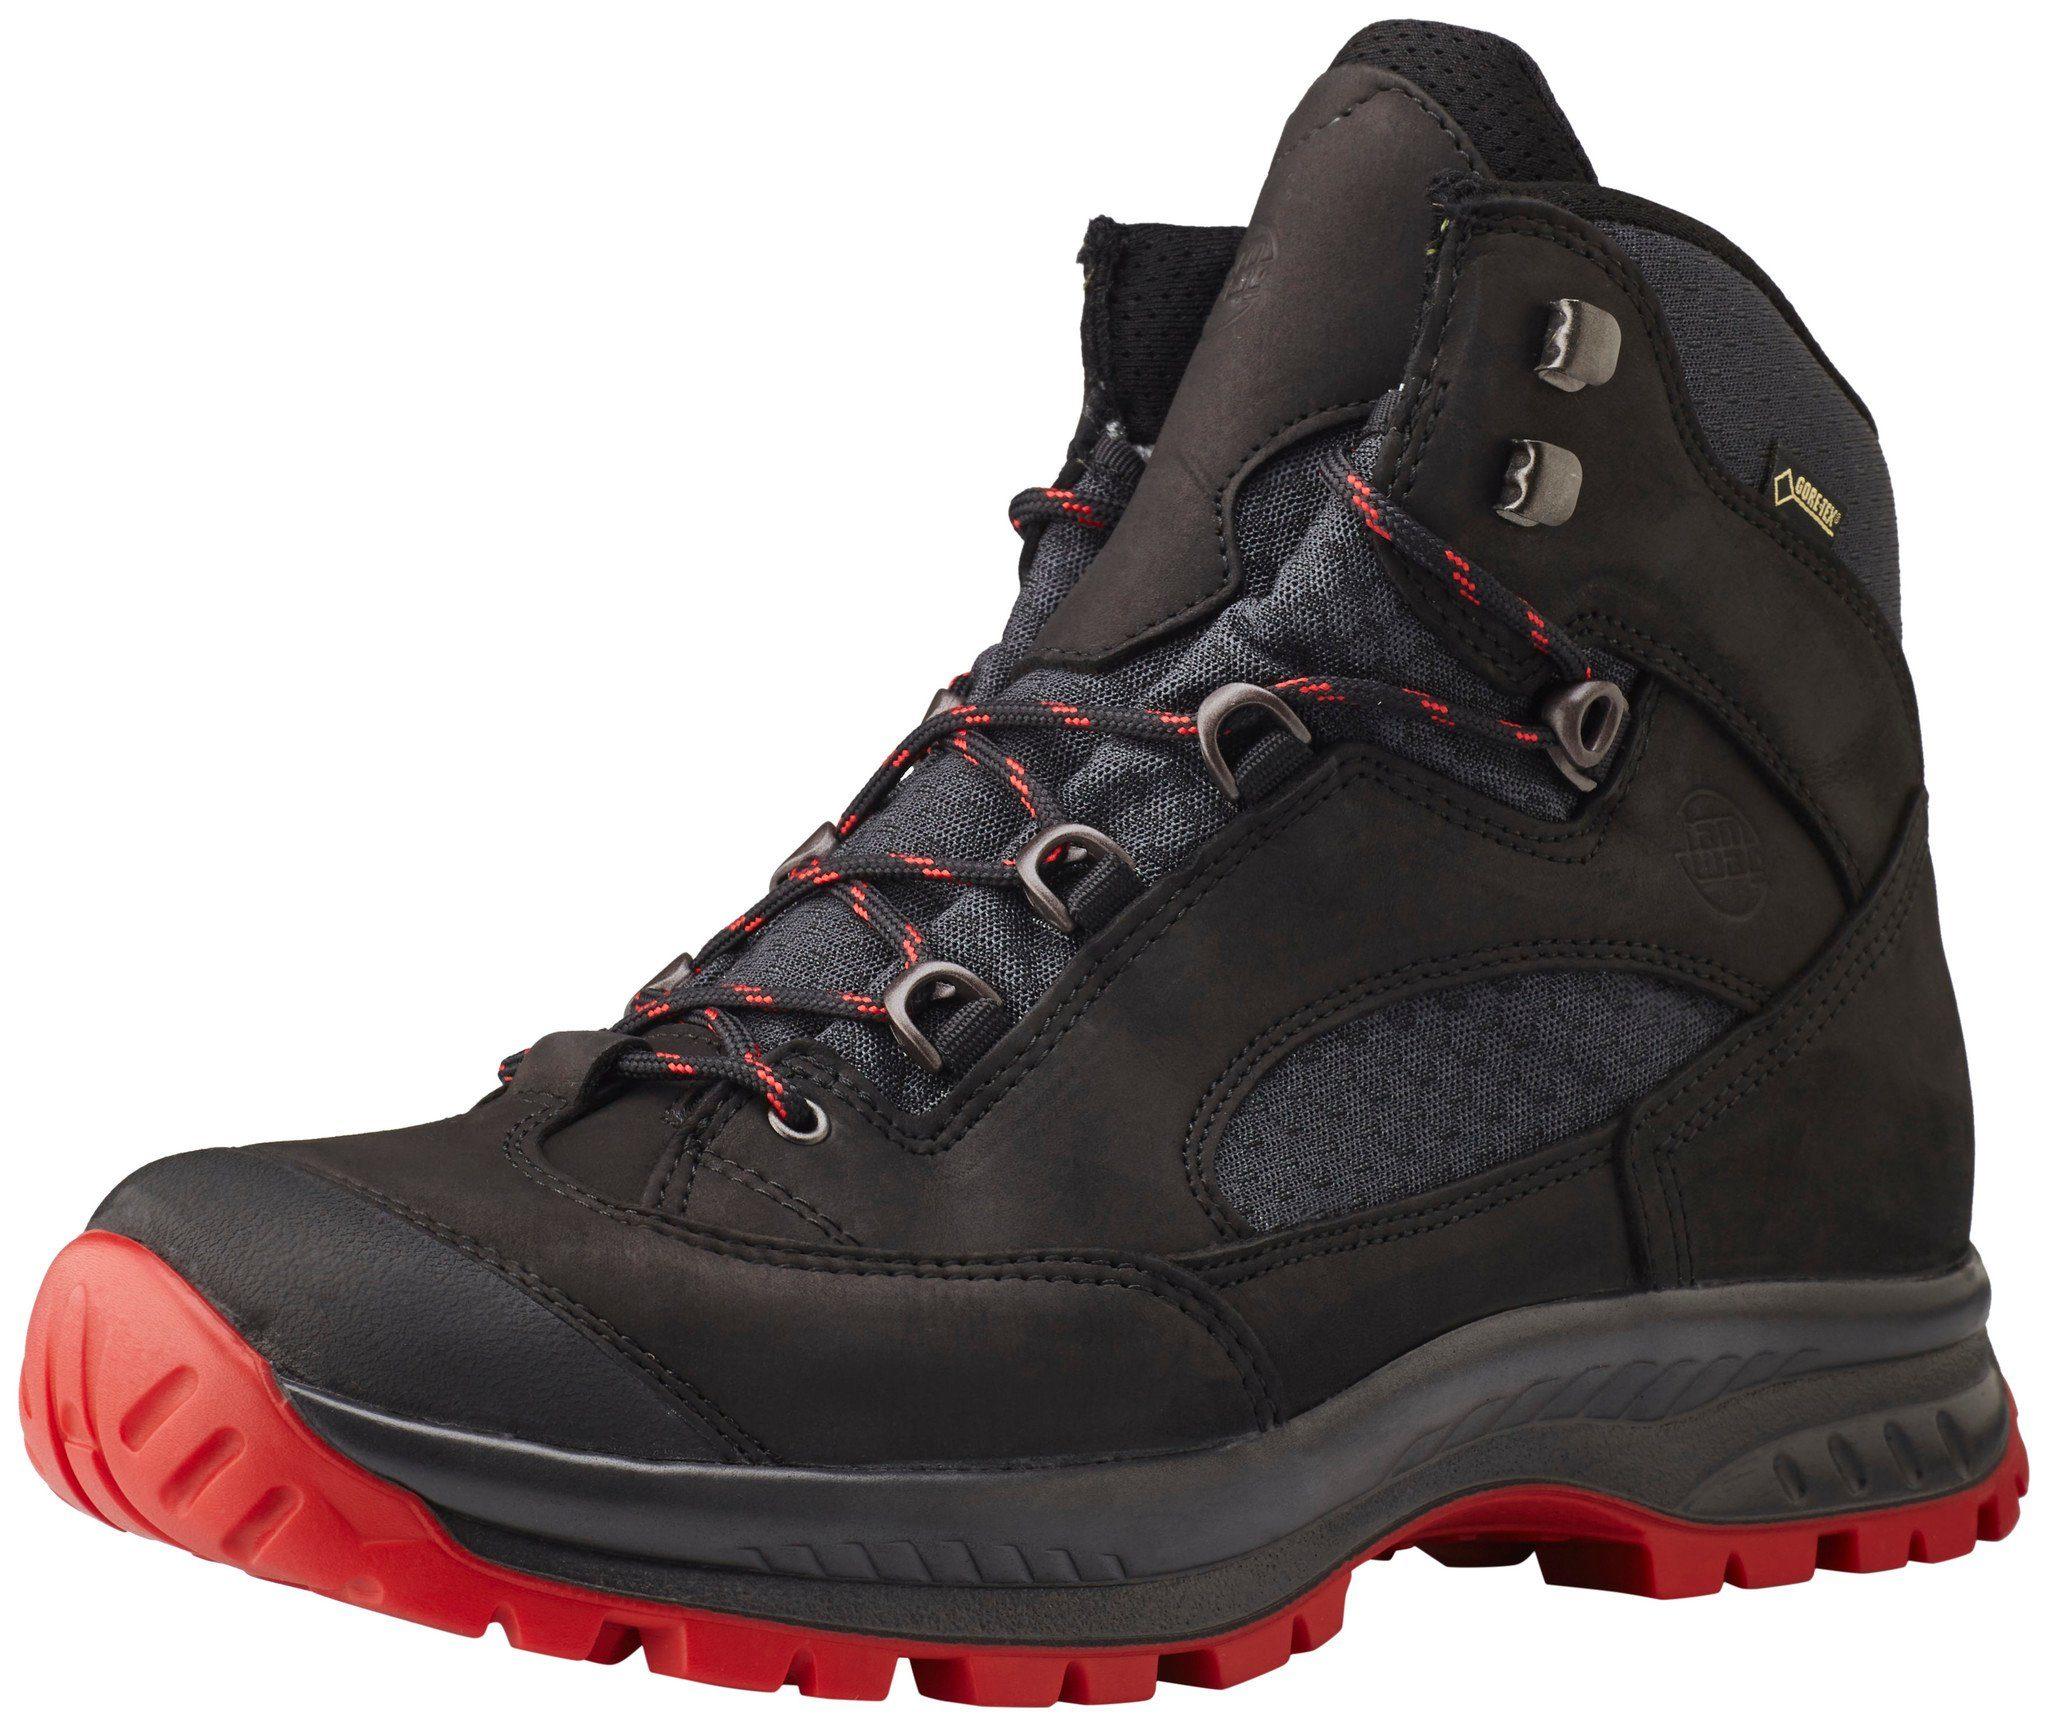 Hanwag Kletterschuh »Banks II GTX Trekking Shoes Men«